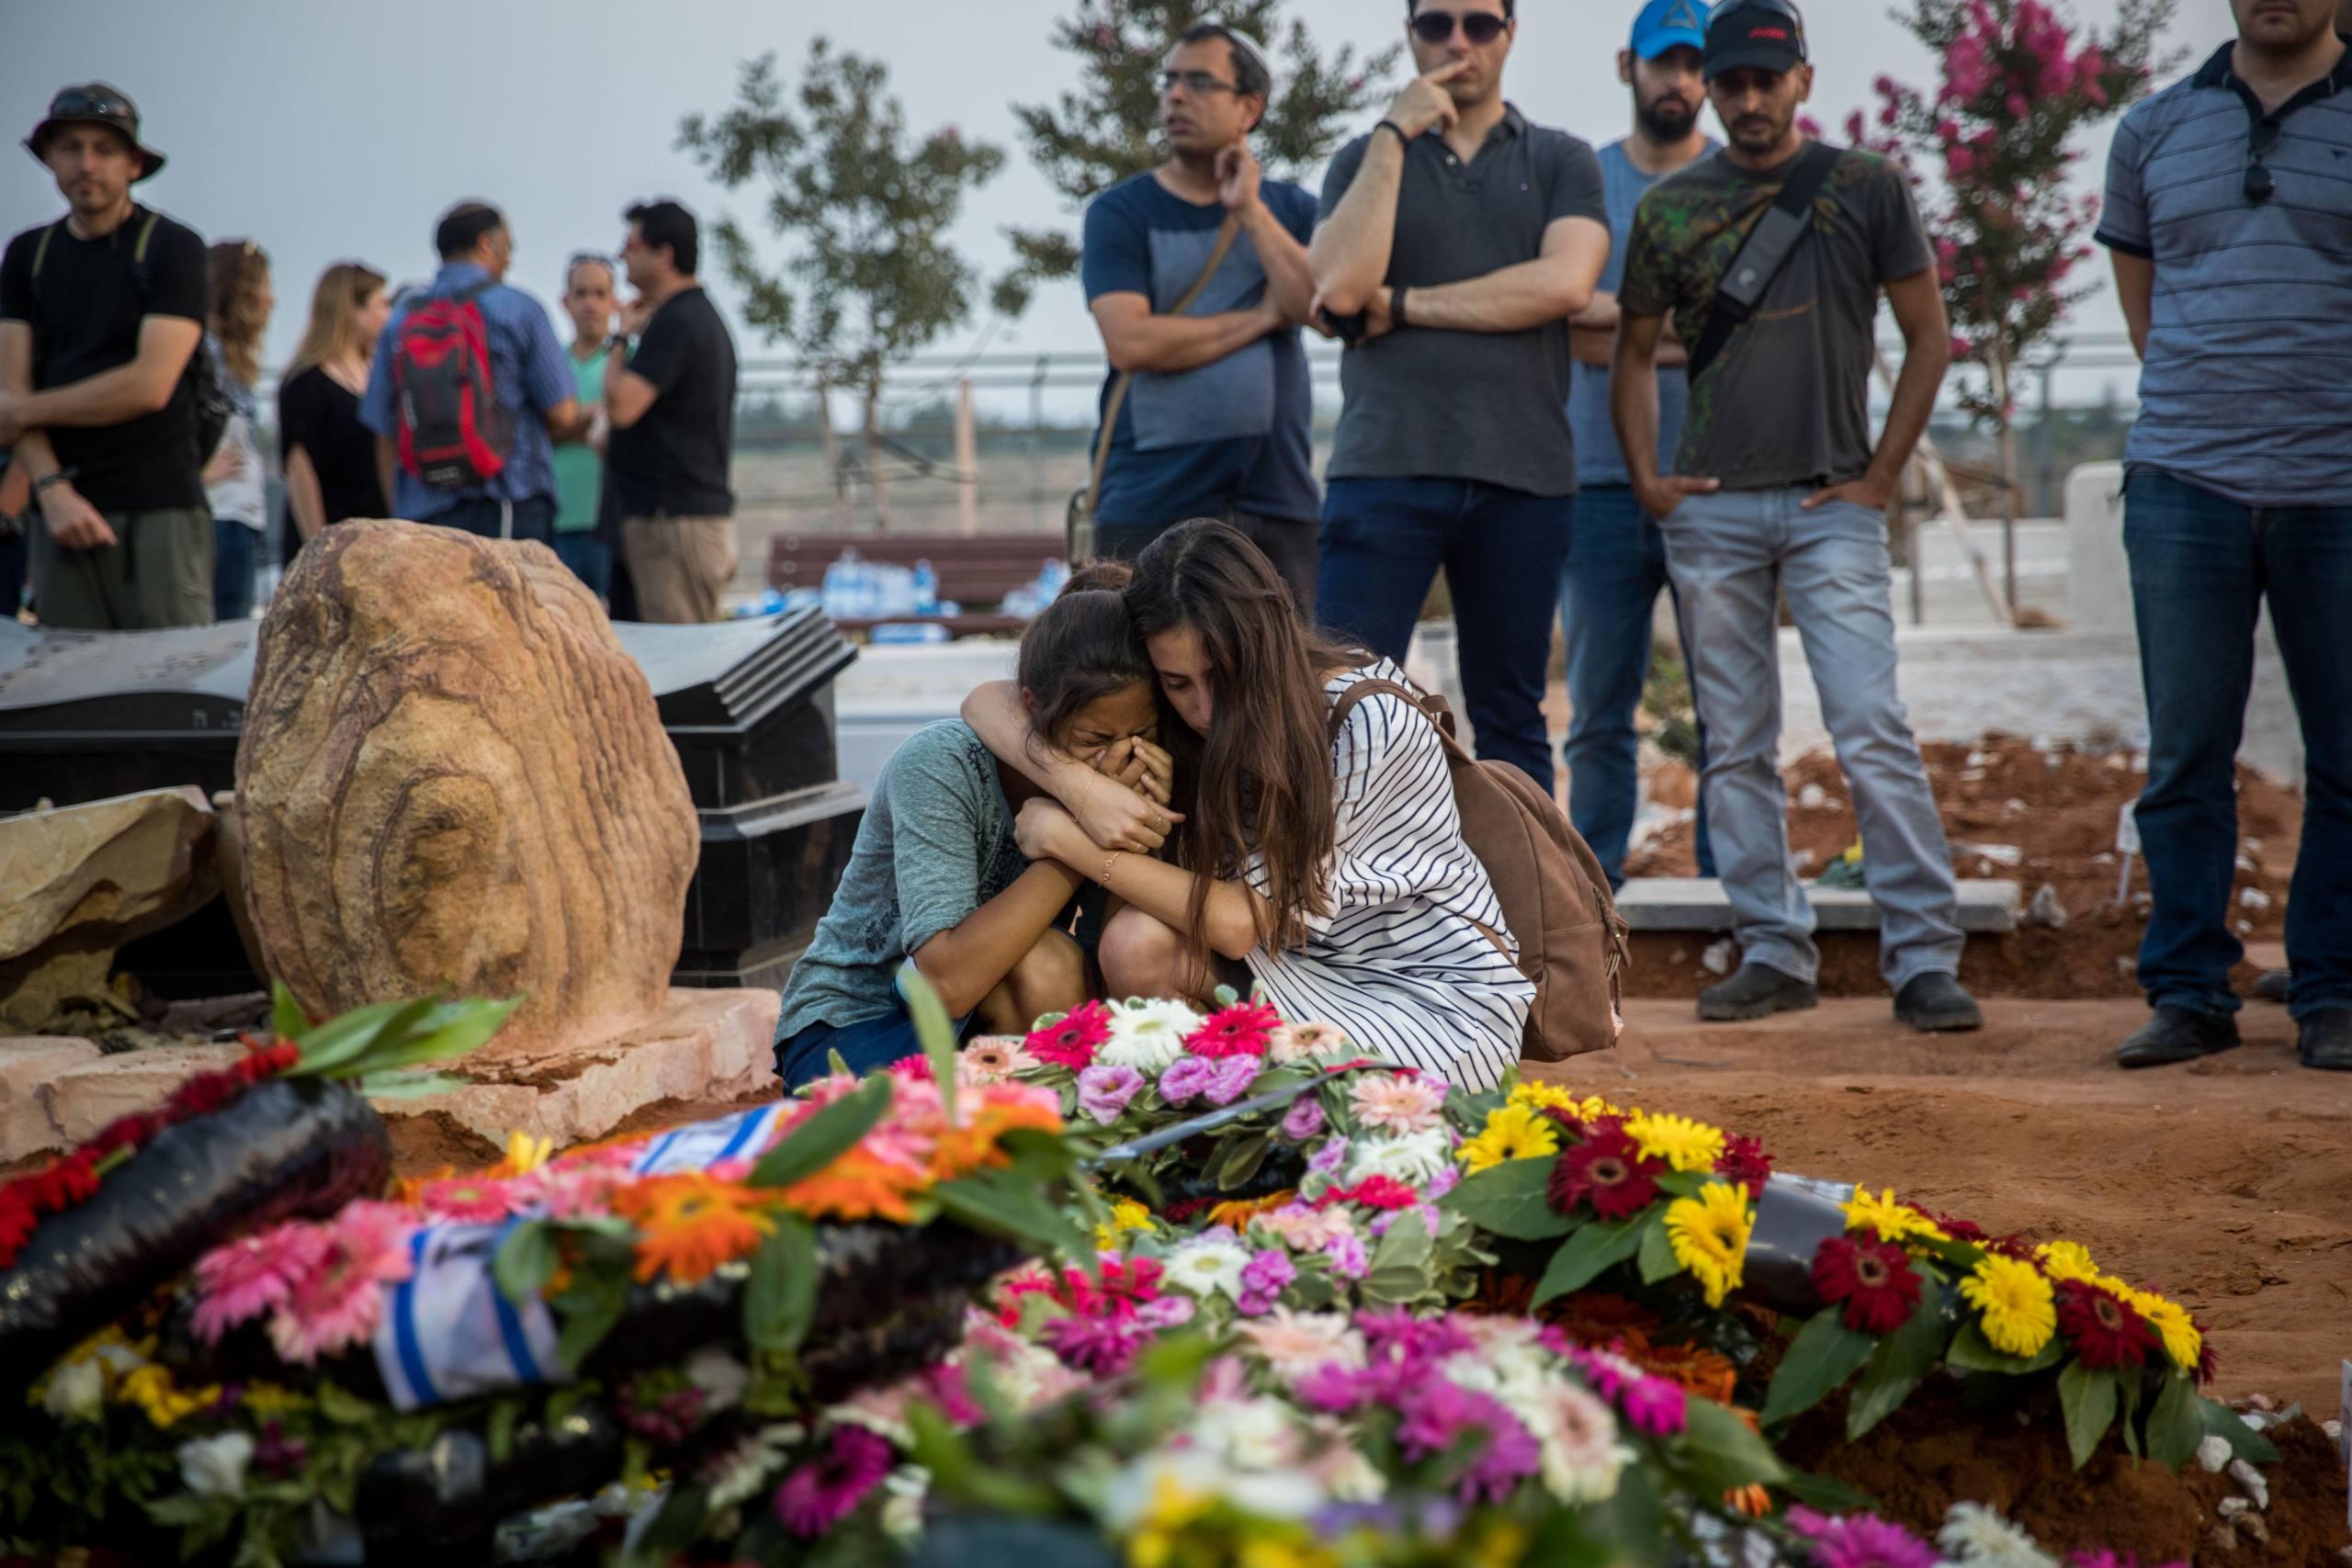 Friends and relatives mourn at the graves of Yosef Salomon (70), his daughter Haya (46) and son Elad (35), after their funeral, attended by thousands, at the Modiin Cemetery, on July 23, 2017. The Salomon family members were murdered in a stabbing attack by a Palestinian youth who attacked them during their Friday night dinner at their home in the Jewish settelment of Halamish in the West Bank. Photo by Yonatan Sindel/Flash90 *** Local Caption *** çìîéù ôéâåò çìàîéù ã÷éøä éåñó ñìåîåï (70) åùðé éìãéå çéä (46) åàìòã (35) ìååéä ðøöçéí äøåâéí áéú òìîéï îåãéòéï